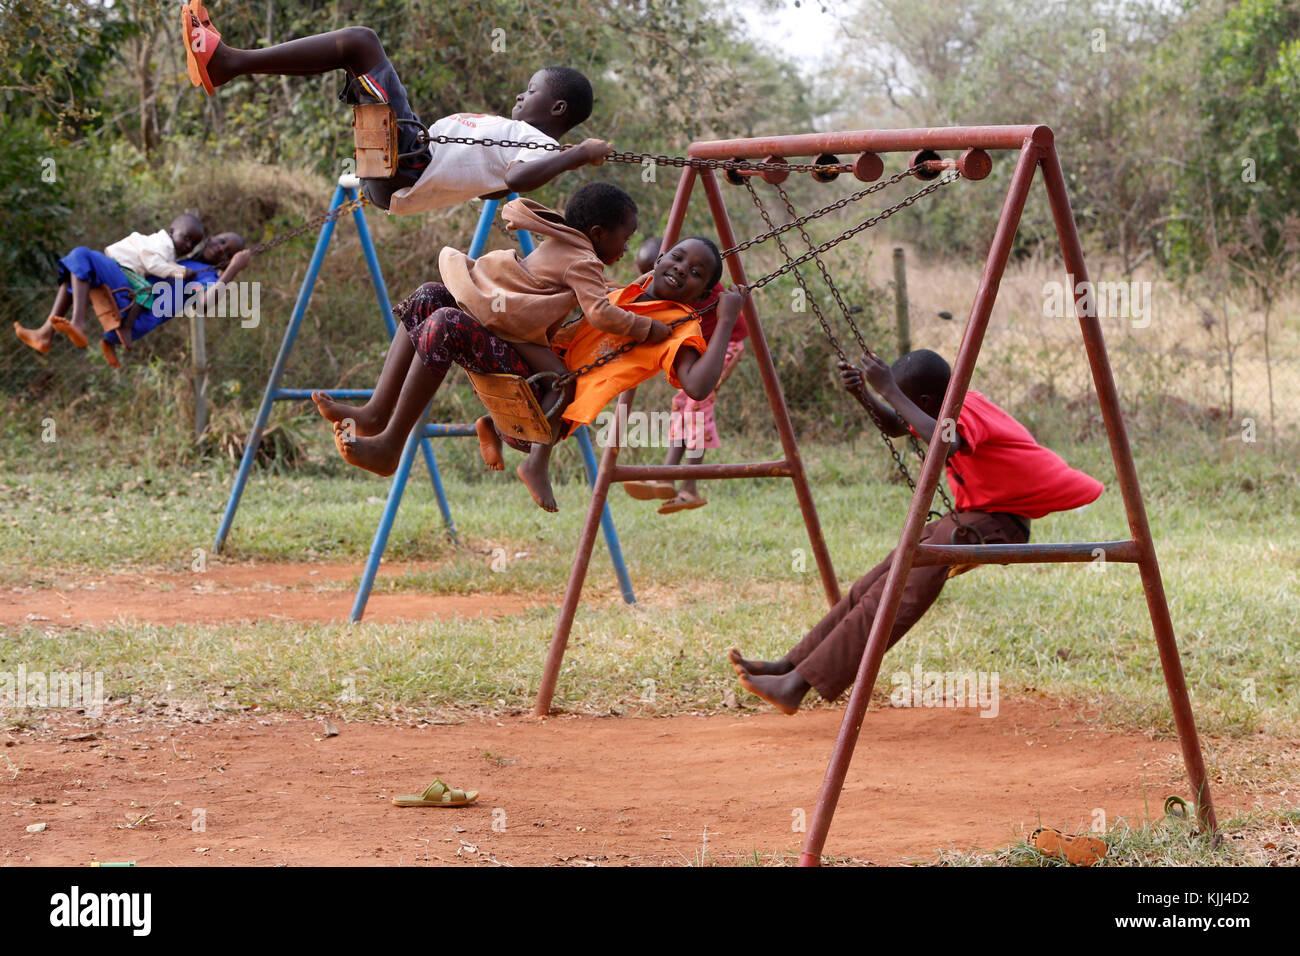 Ugandan children on swings. Uganda - Stock Image